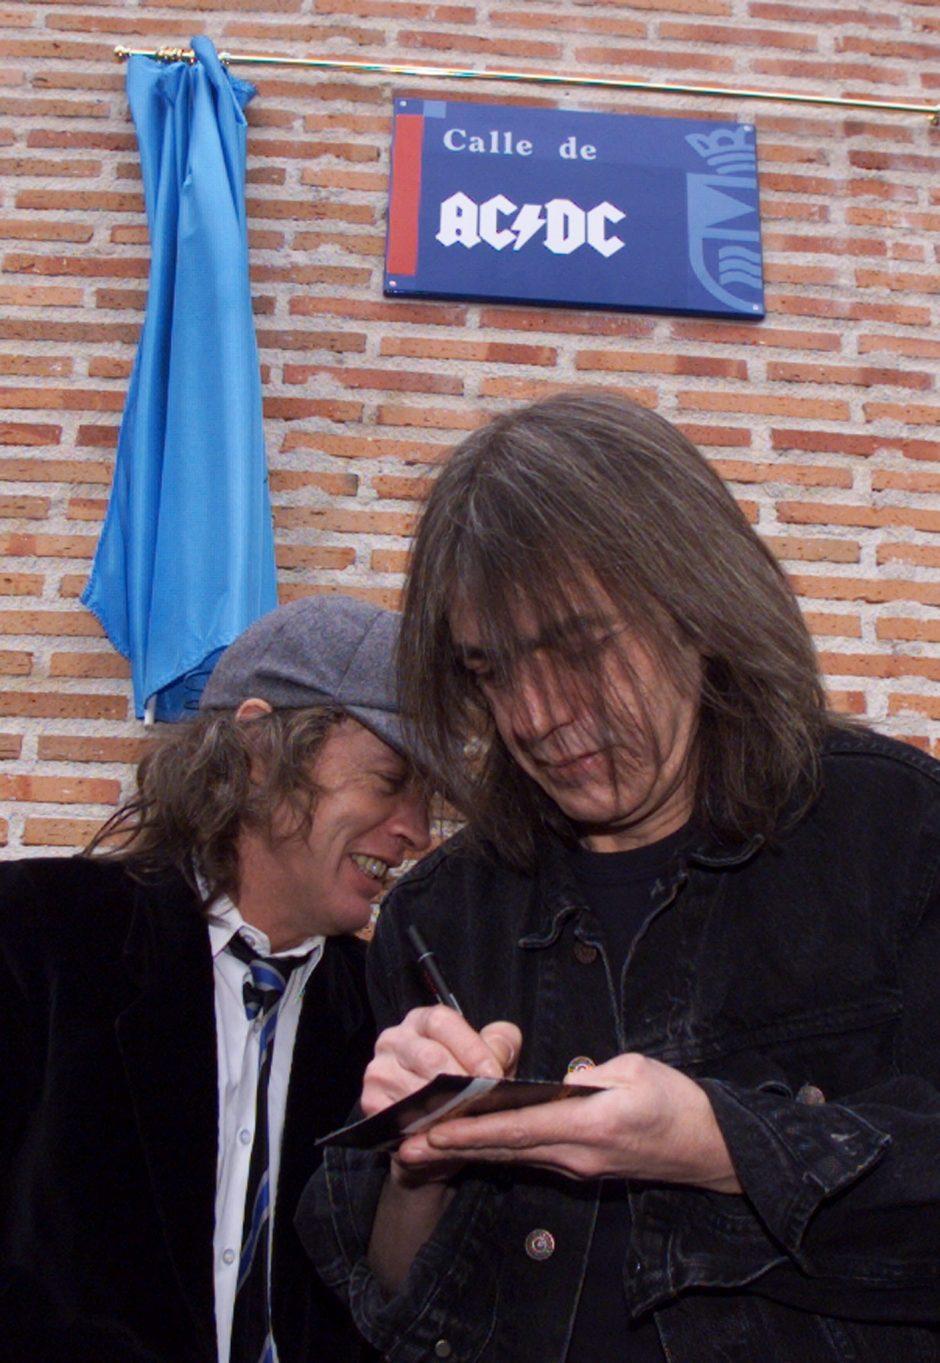 Su pasauliu atsisveikino AC/DC narys M. Youngas